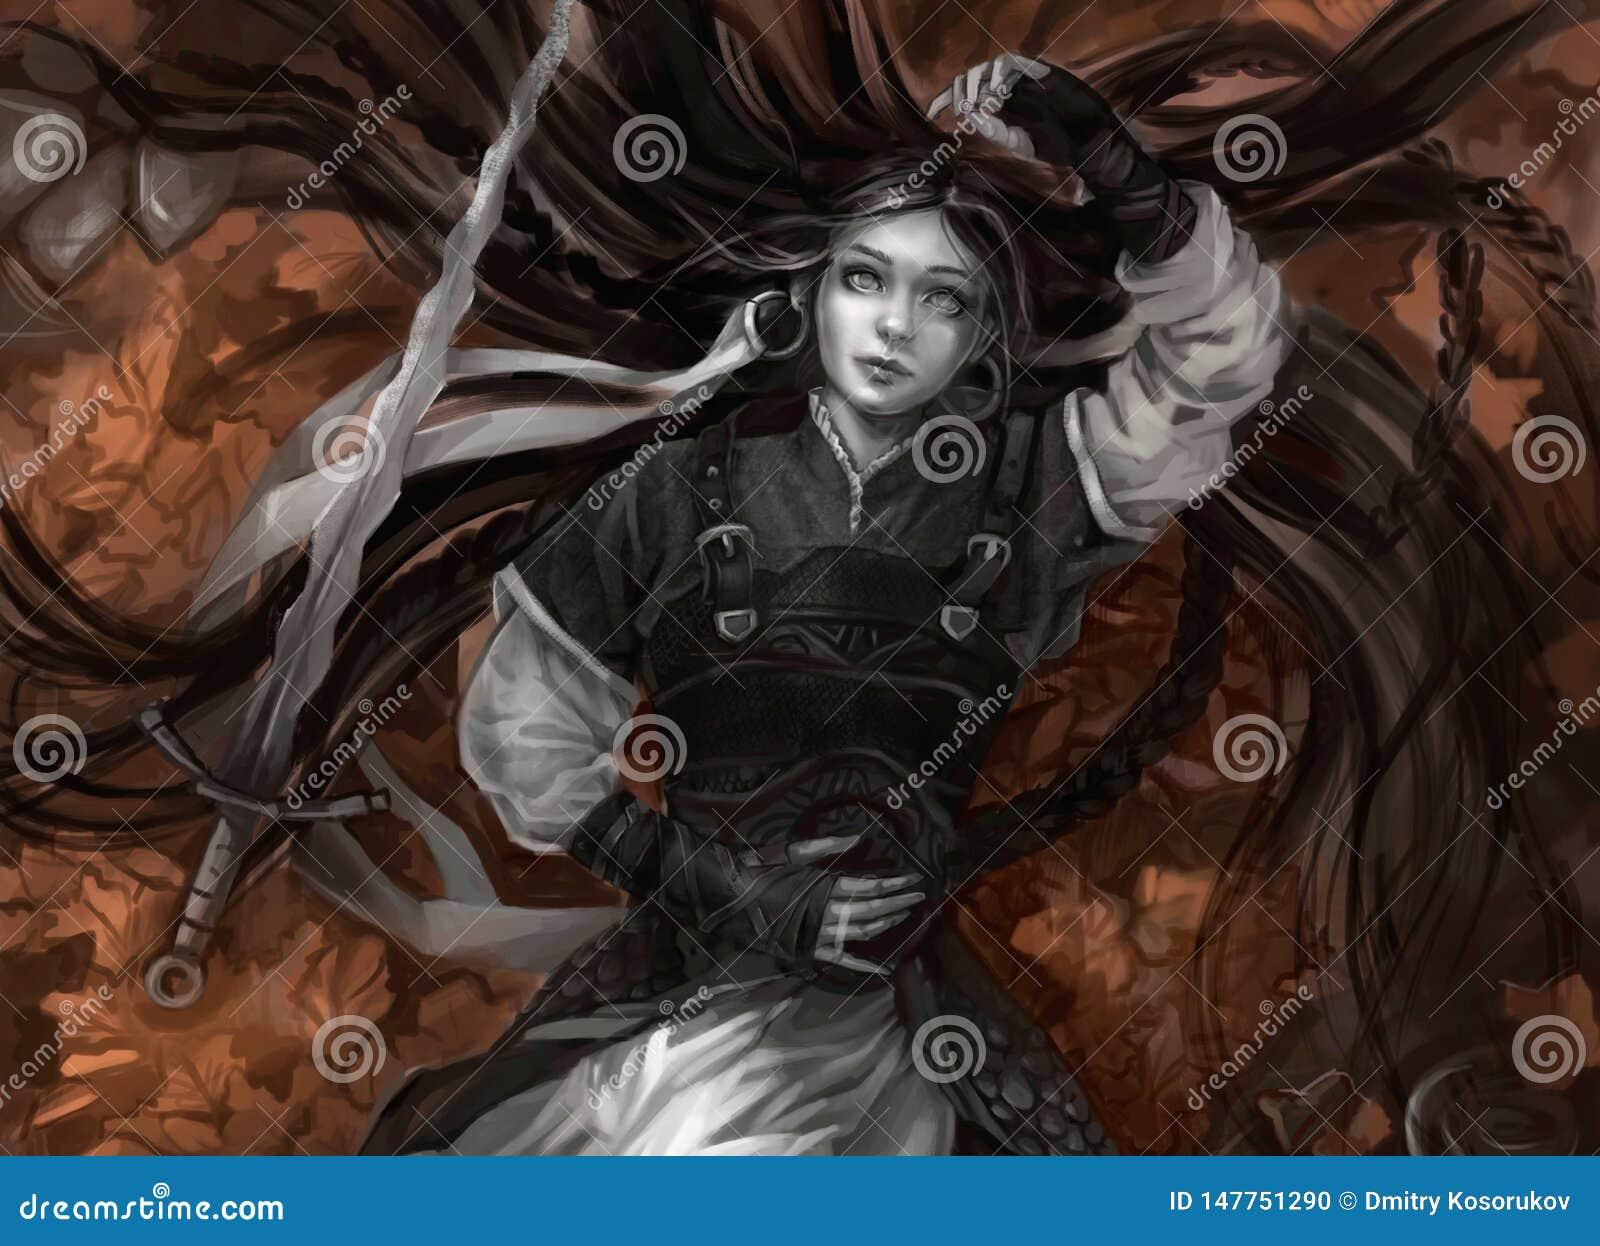 Menina com cabelo longo e pele cinzenta com espada